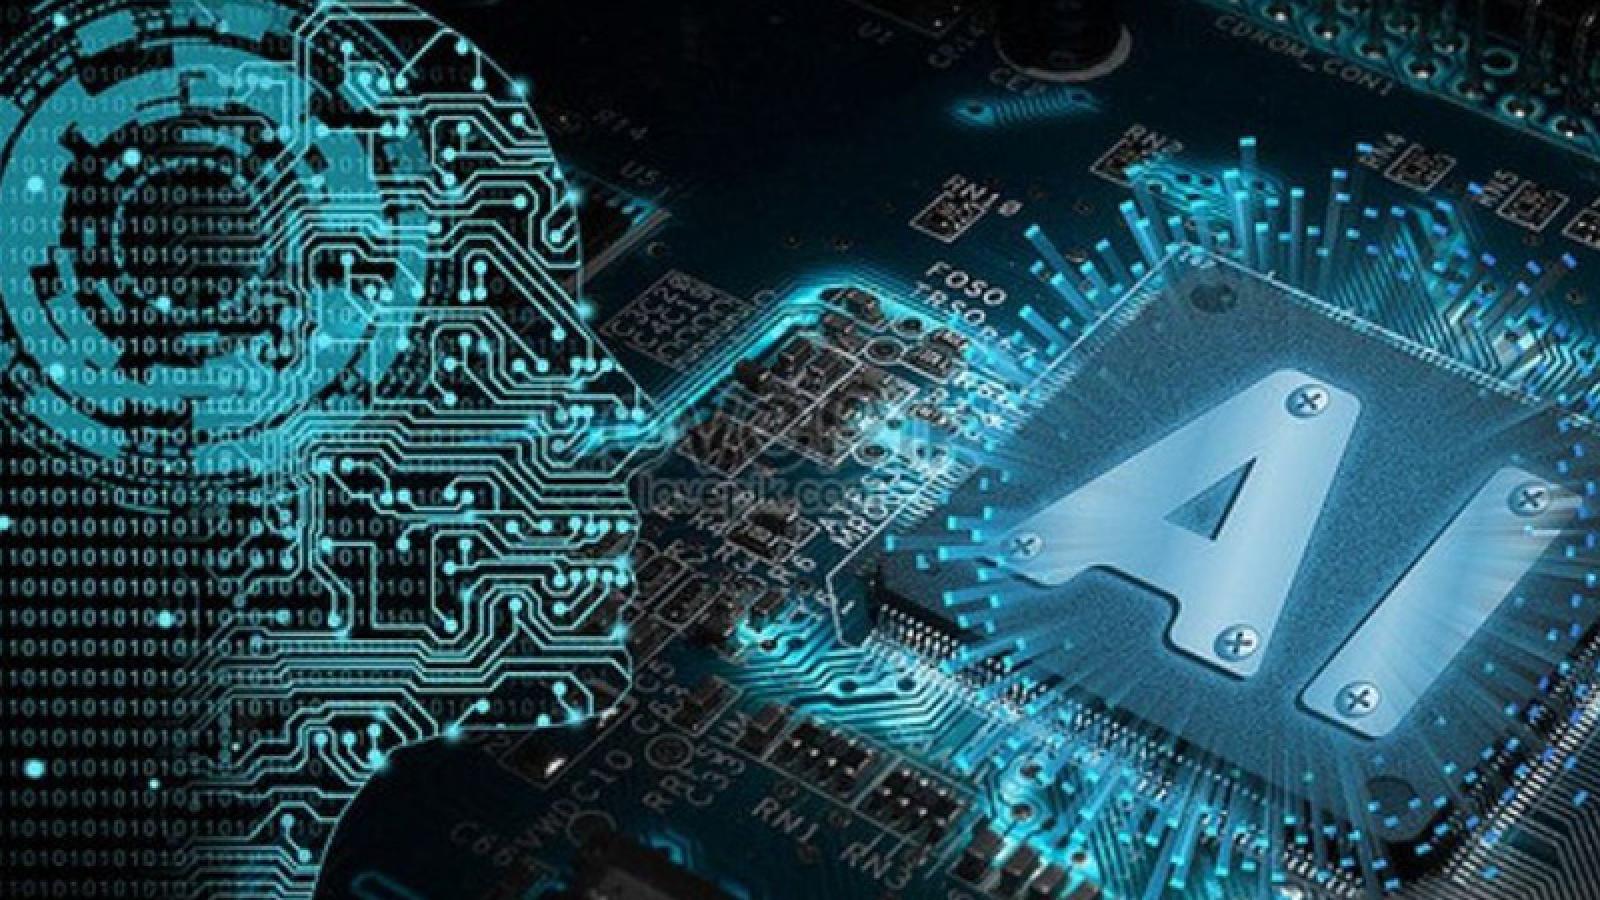 Samsung dùng trí tuệ nhân tạo để sản xuất chip di động